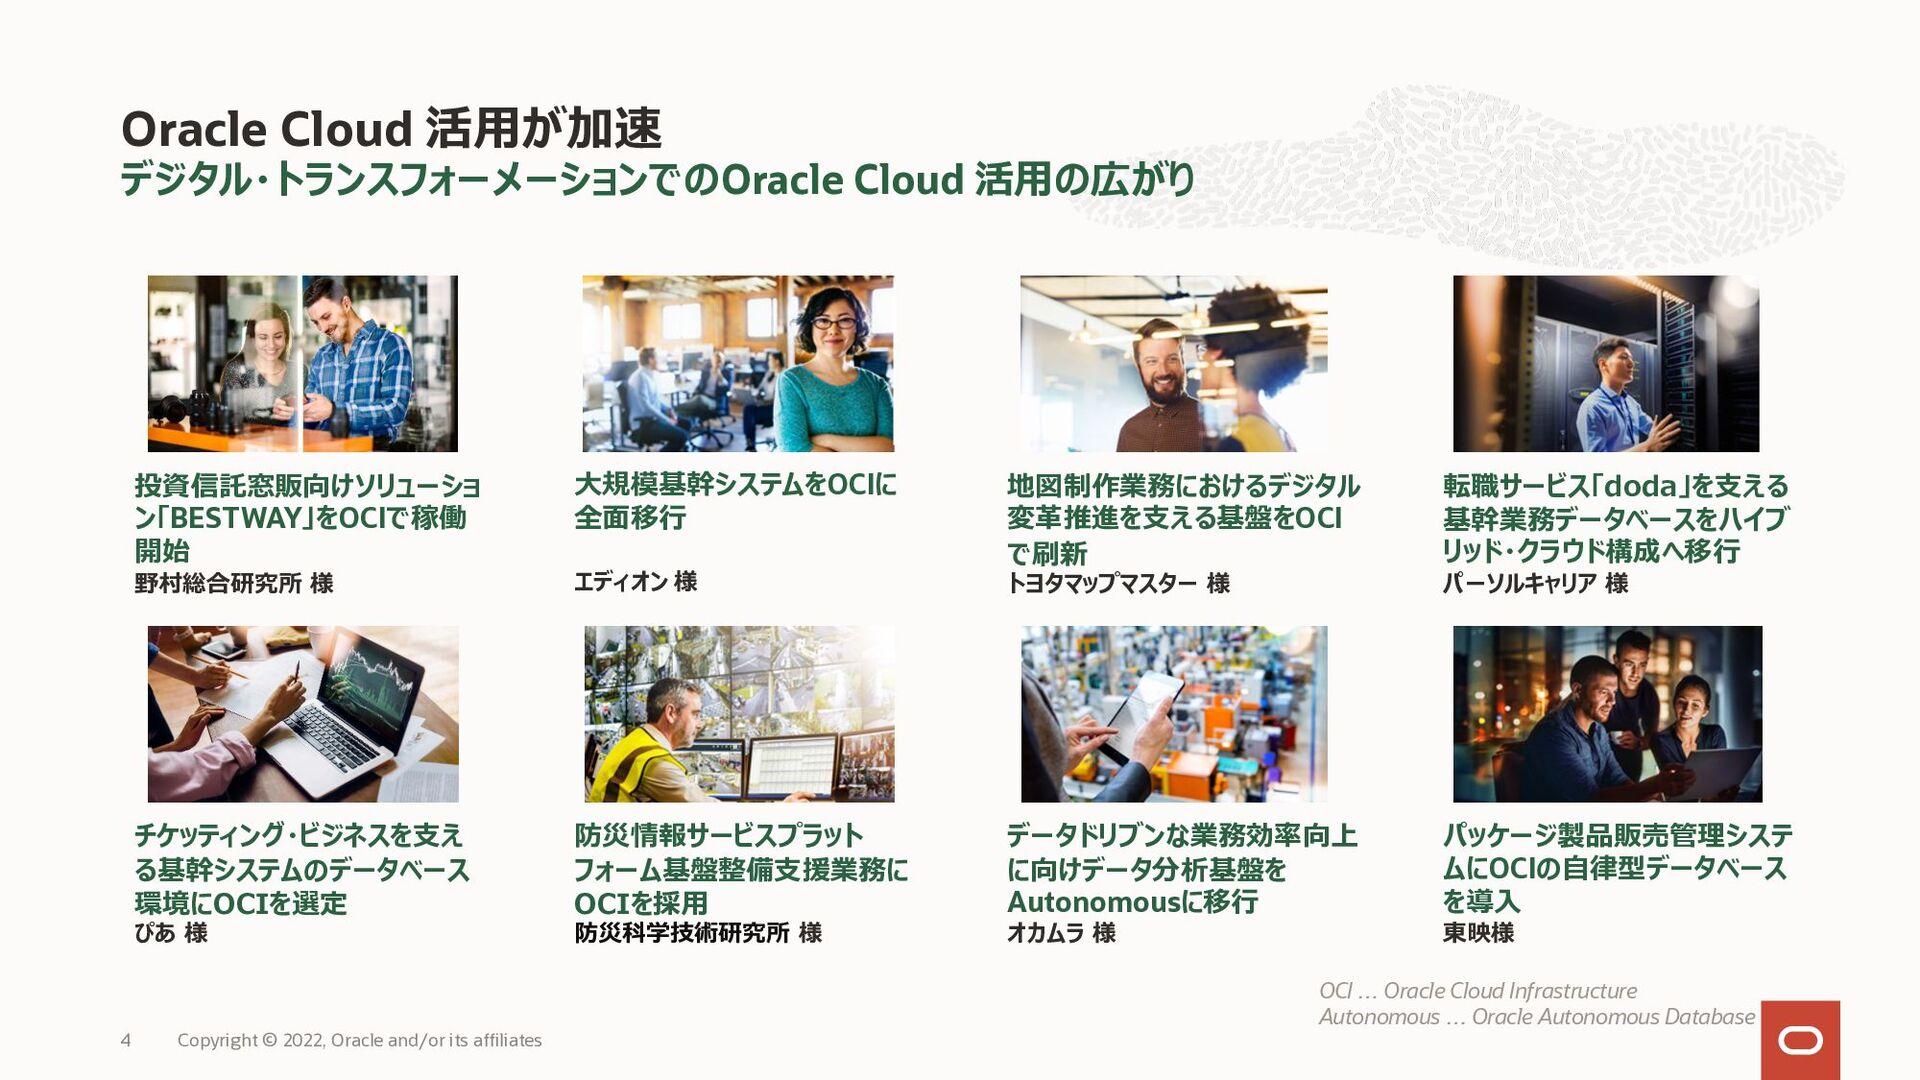 デジタル・トランスフォーメーションでのOracle Cloud 活⽤の広がり Oracle C...